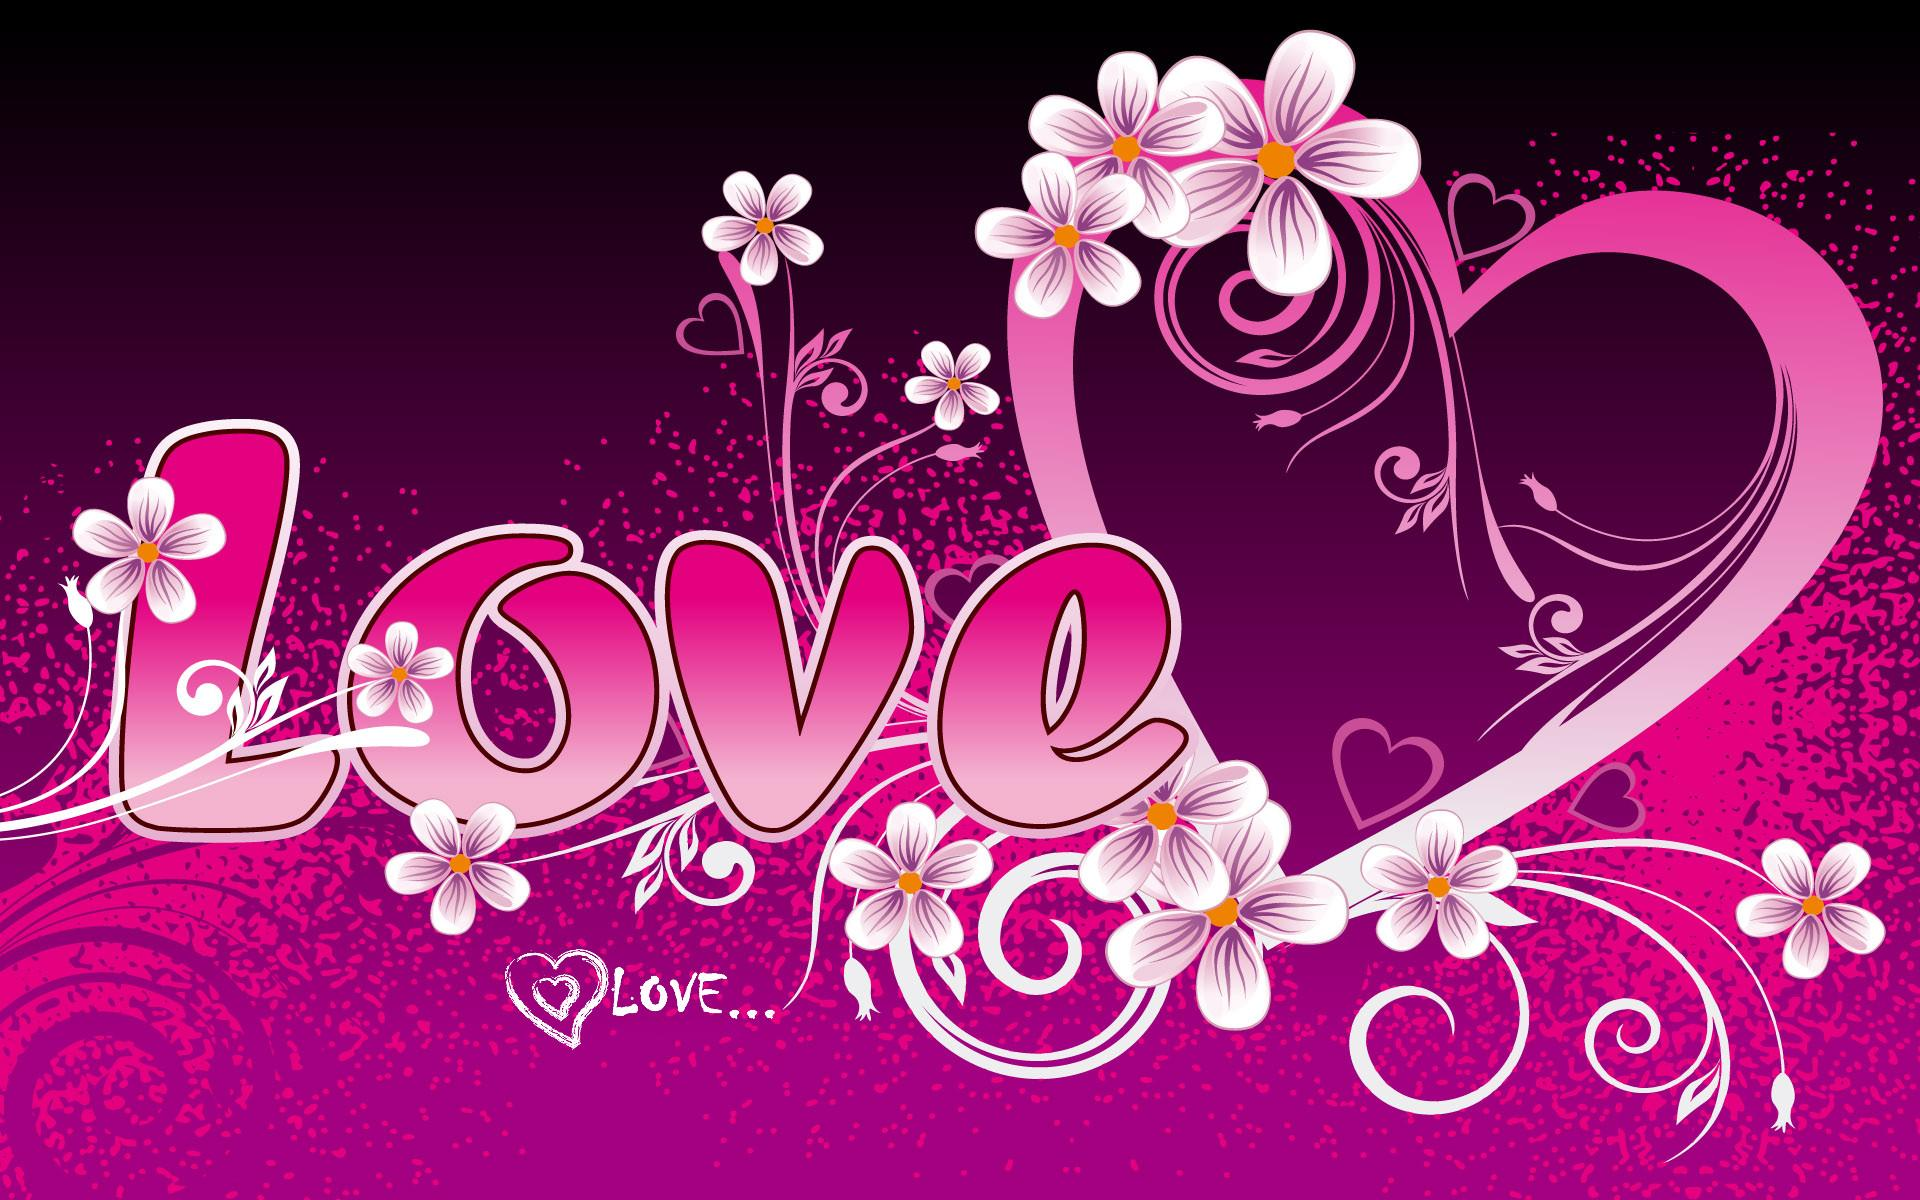 Love Heart Wallpaper 07 1920x1200 340x220